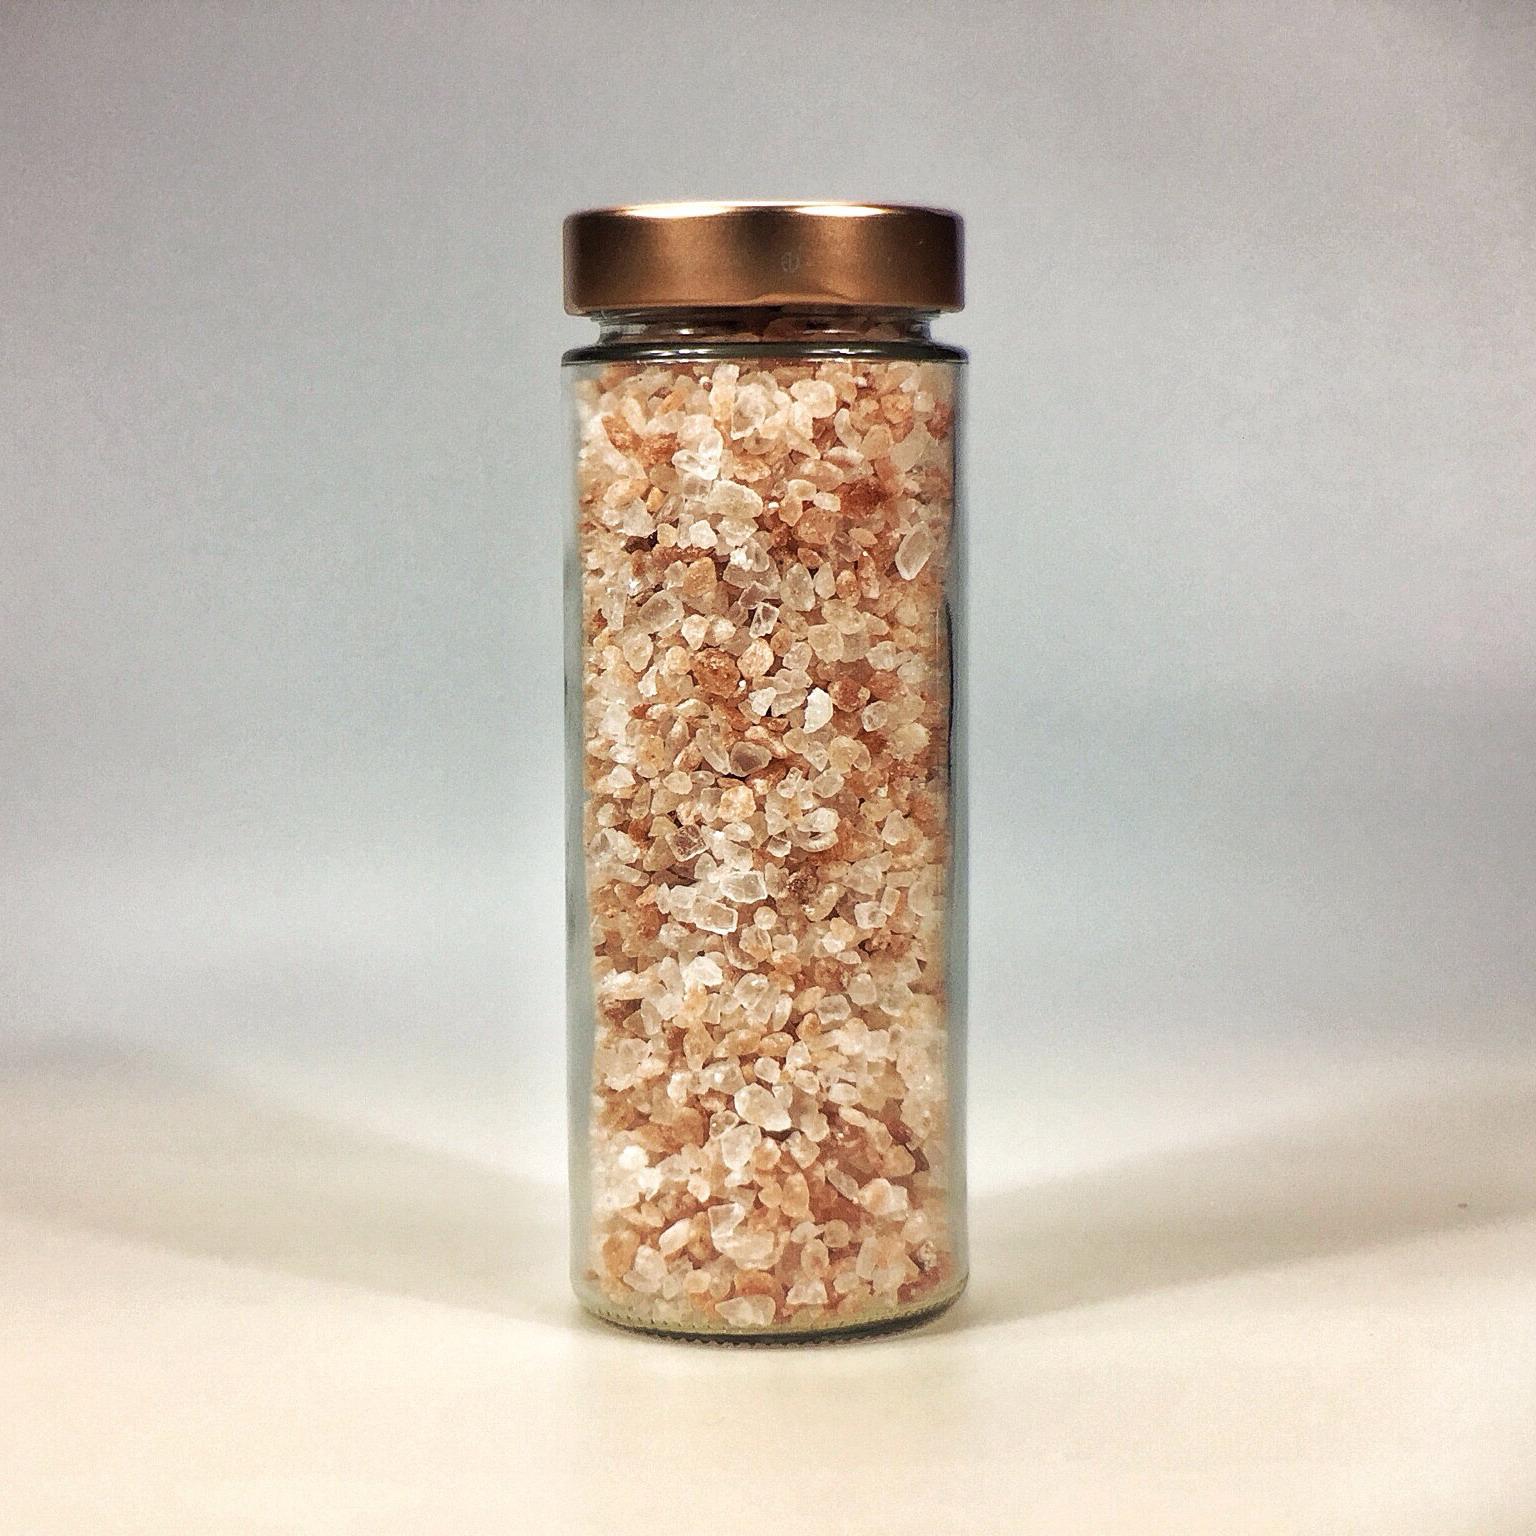 Himalaya Salz grob gemahlen für Salzmühle im grossen Glas mit Kupferdeckel